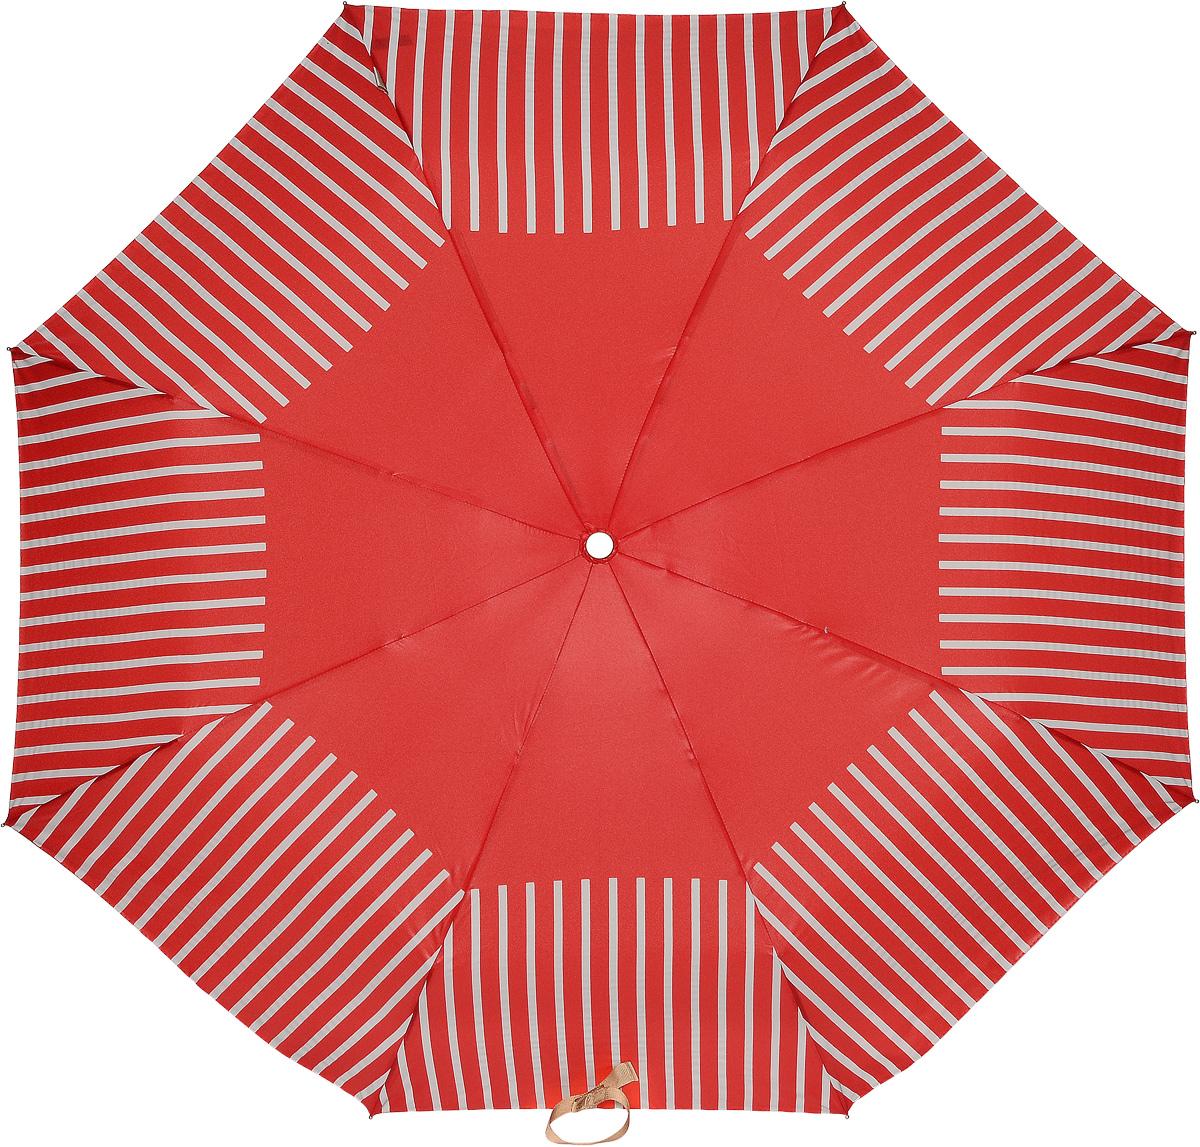 M&P 5789-2 Зонт полный автом. 3 сл. жен.5789-2Зонт испанского производителя Clima. В производстве зонтов используются современные материалы, что делает зонты легкими, но в то же время крепкими.Полный автомат, 3 сложения, 7 спиц, полиэстер.